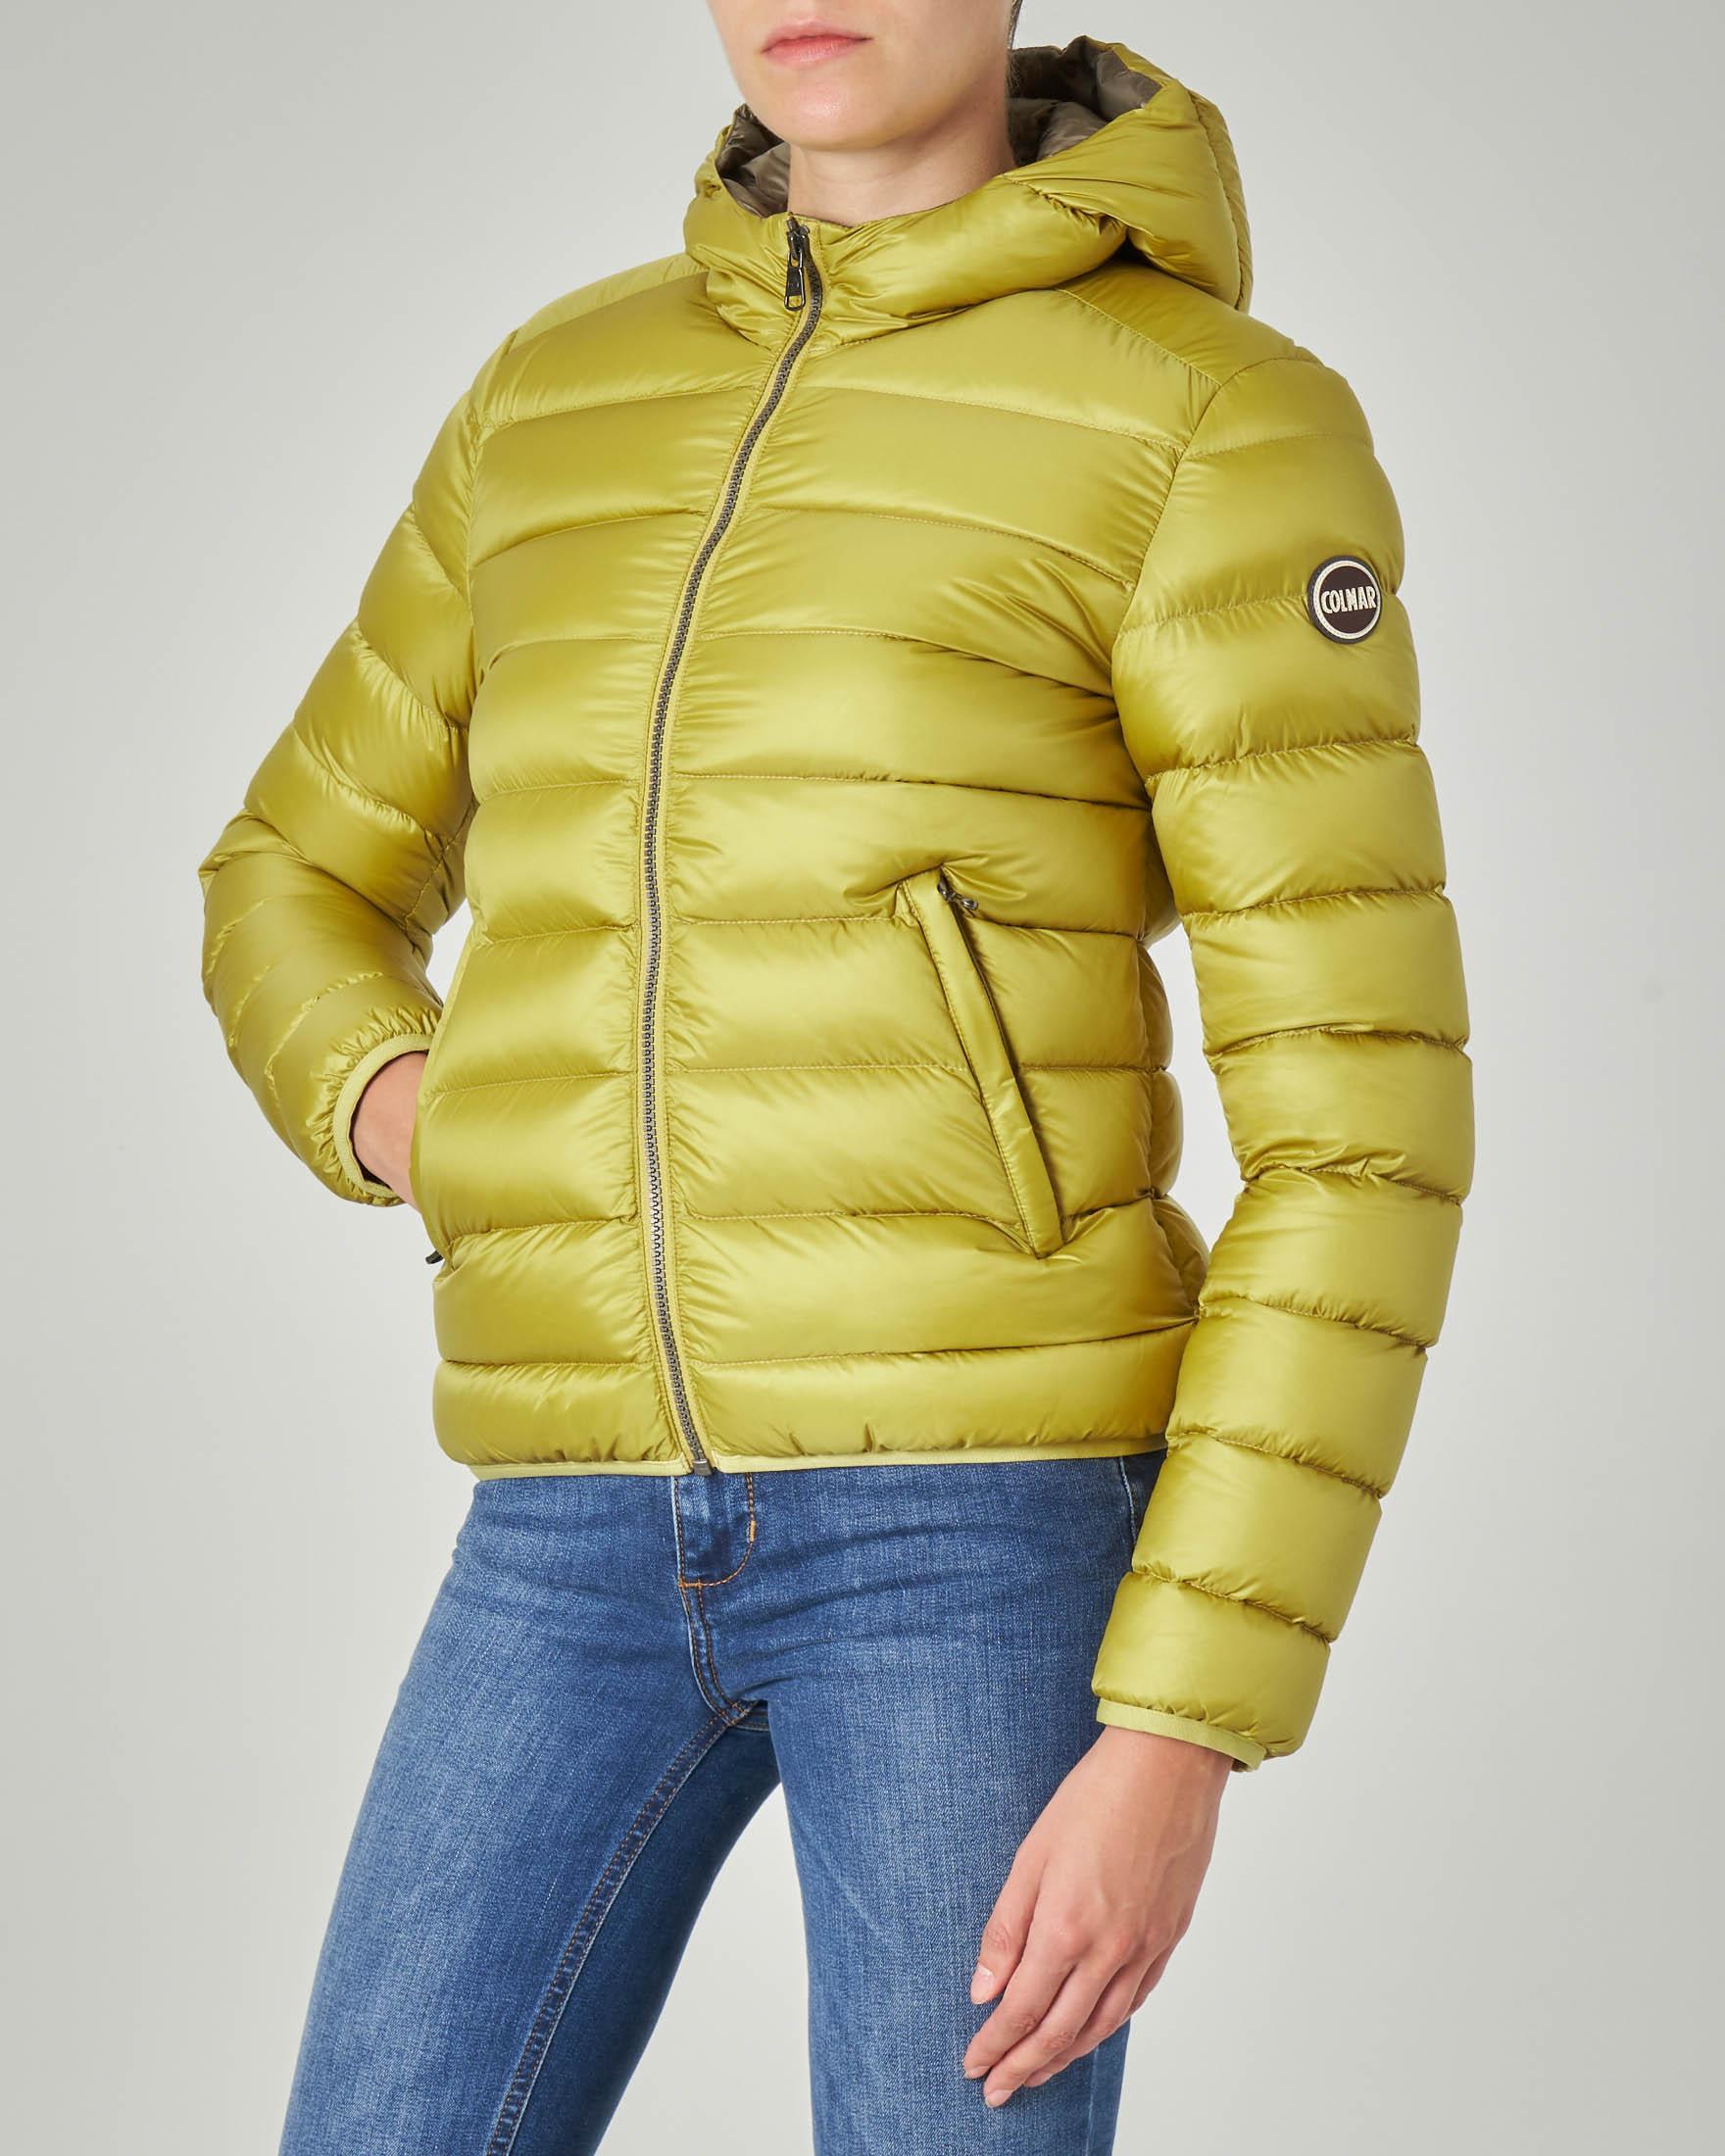 Piumino corto colore giallo effetto lucido con cappuccio